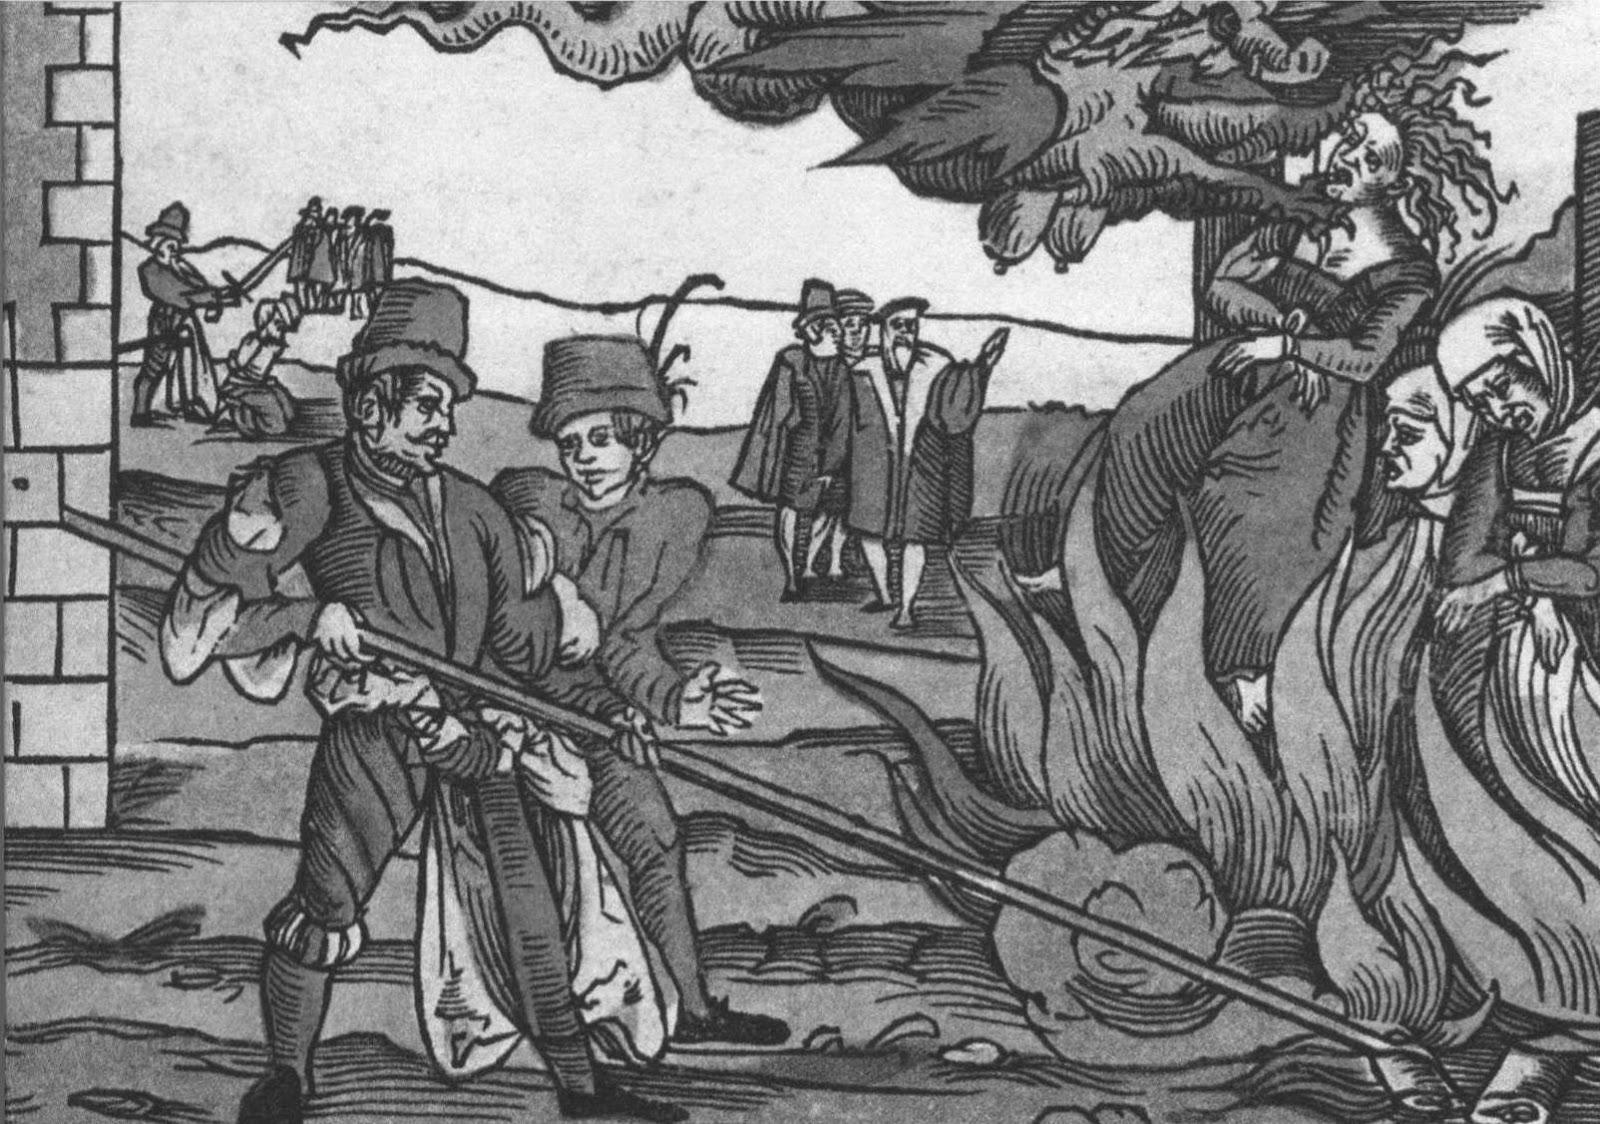 La Credenza Degli Untori : Le fake news e la caccia agli untori del xxi secolo